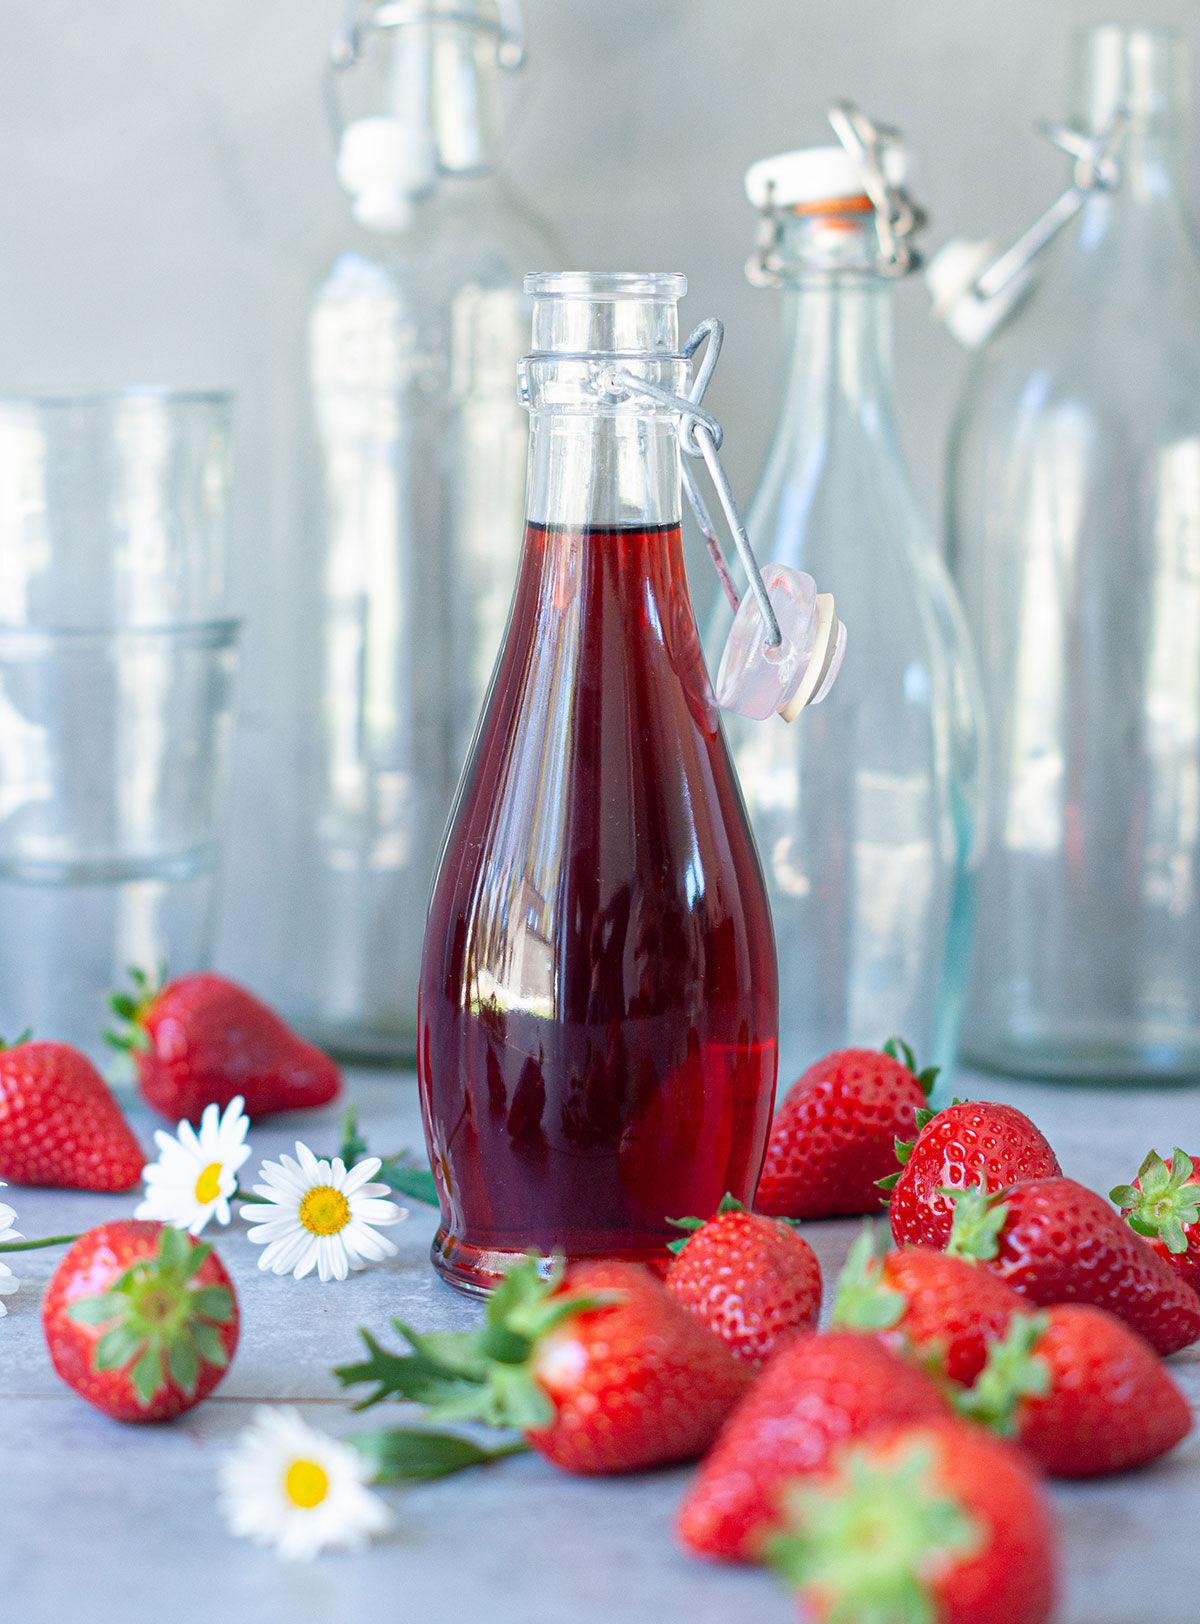 Flaska med jordgubbssaft omringad av färska jordgubbar